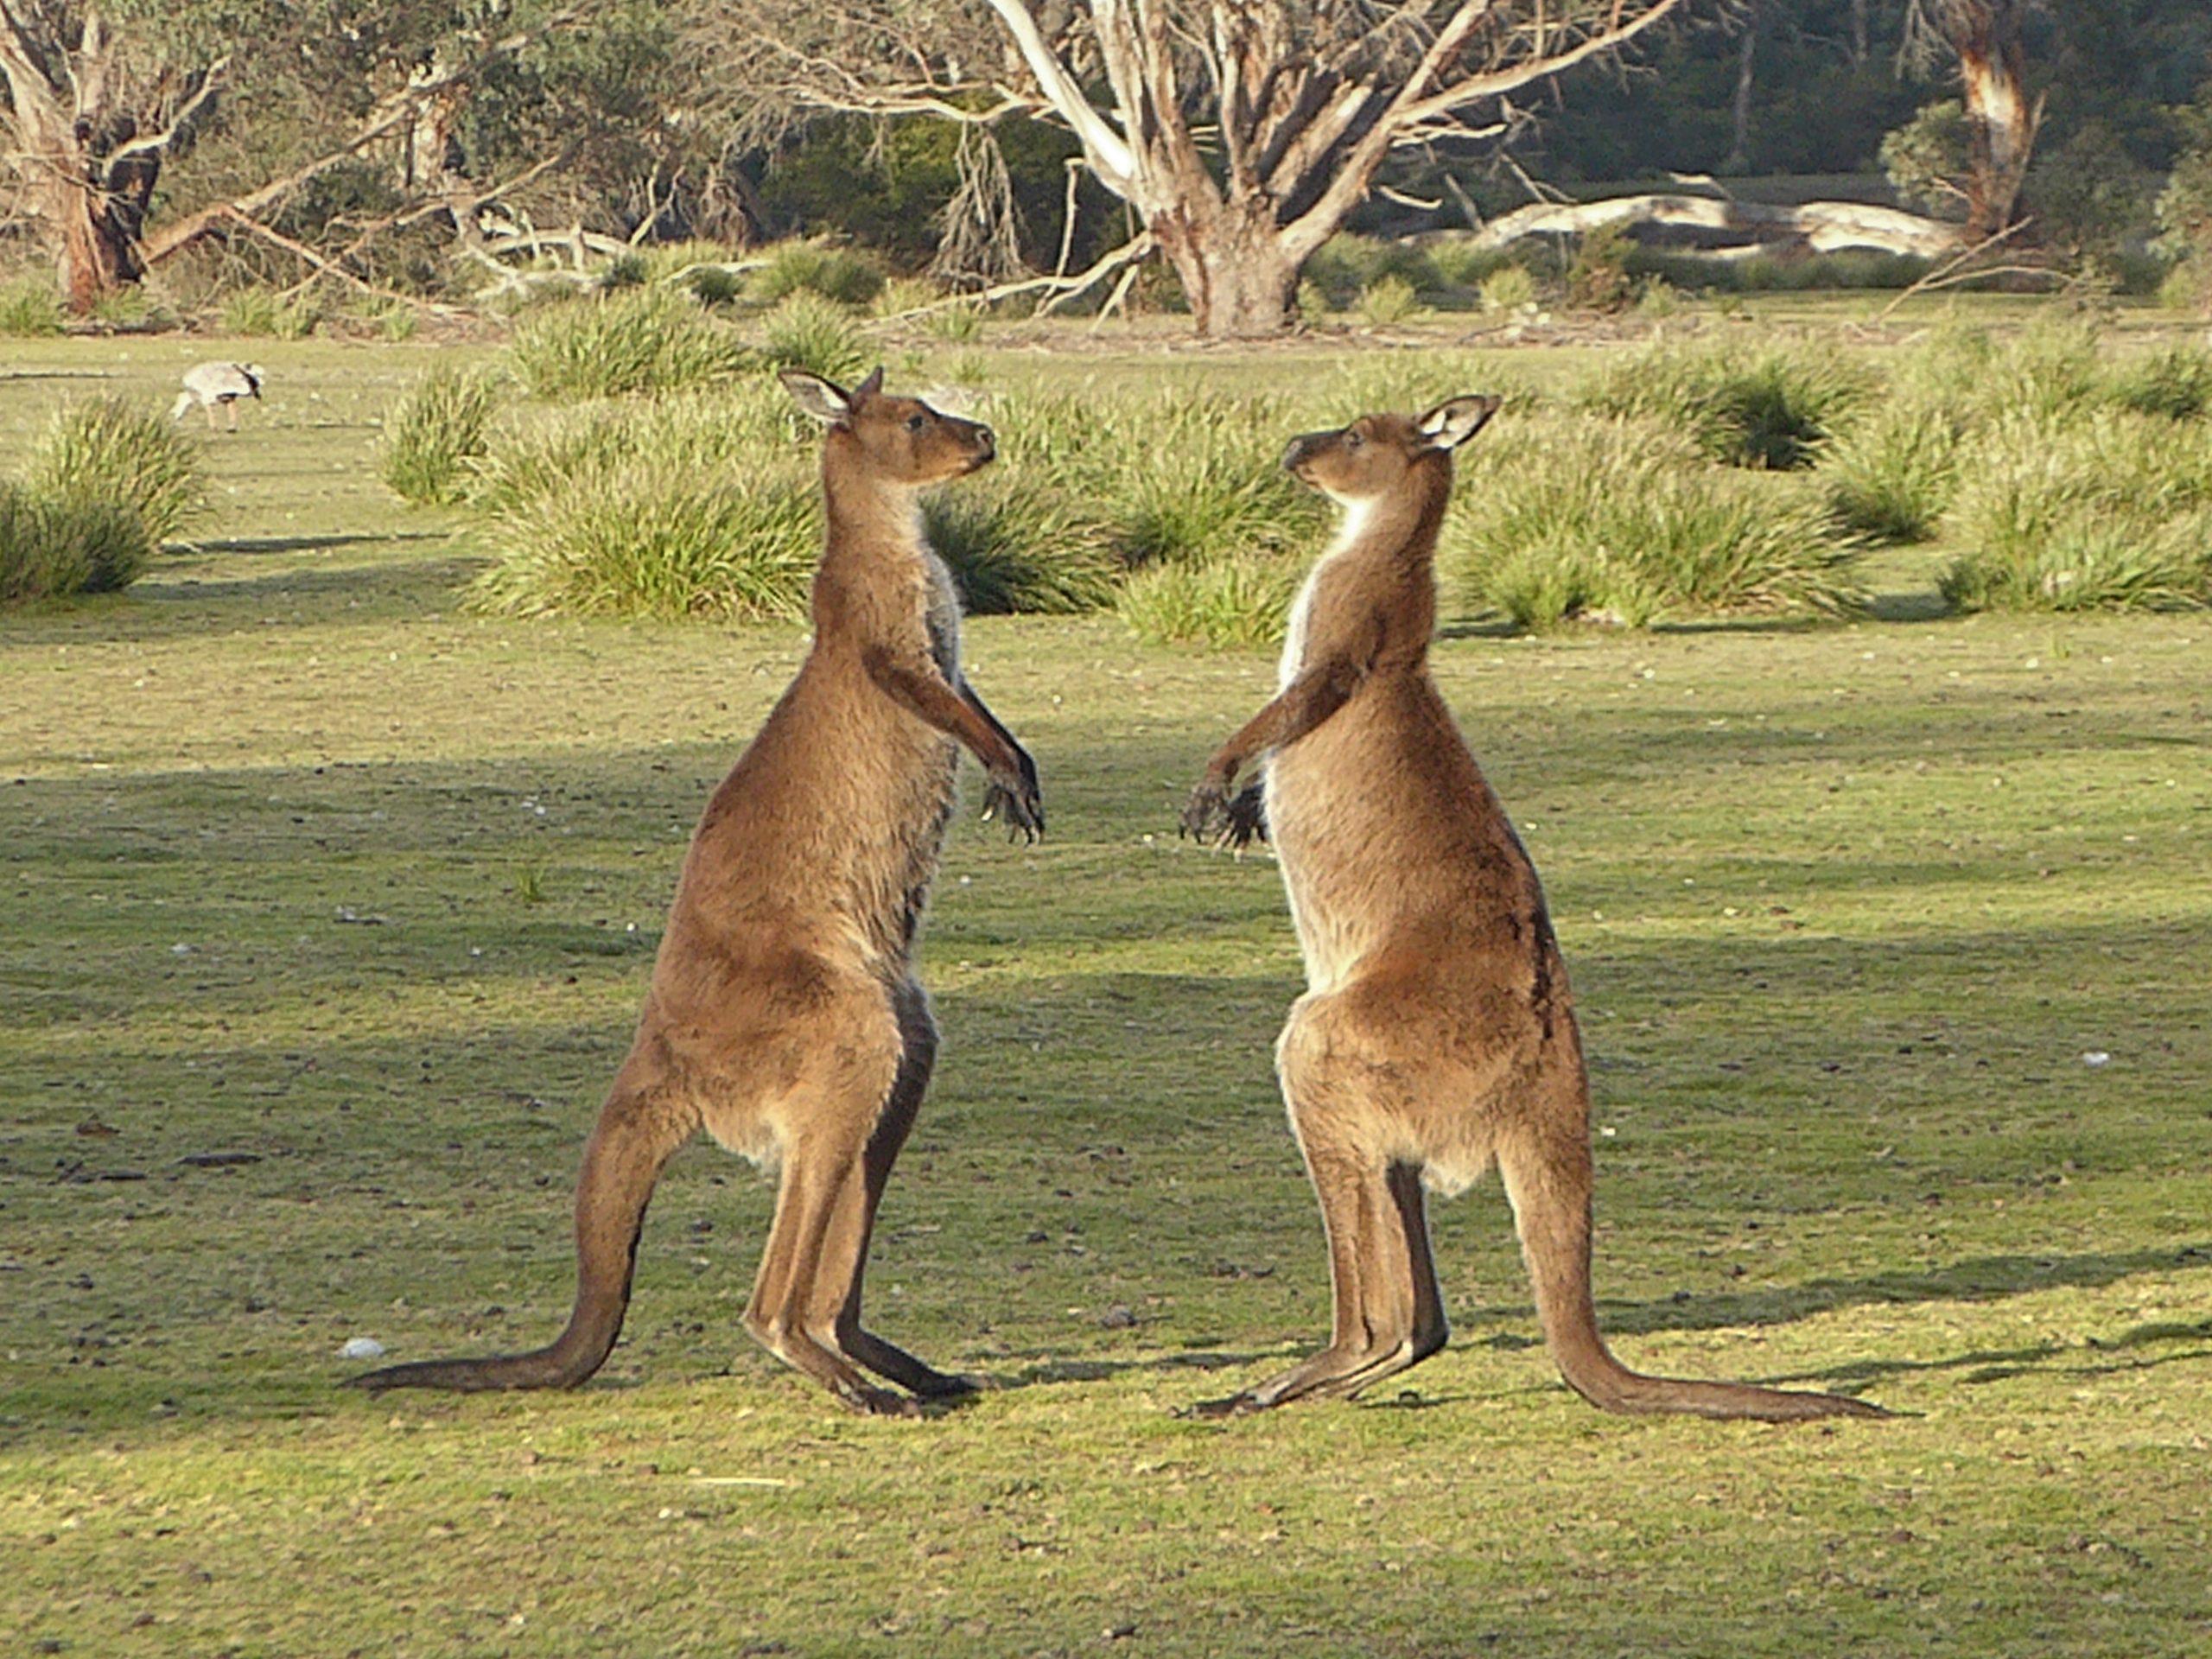 Radreise Australien 2016 - Kangaroo Island - Riesenkängurus (Macropus fuliginosus)